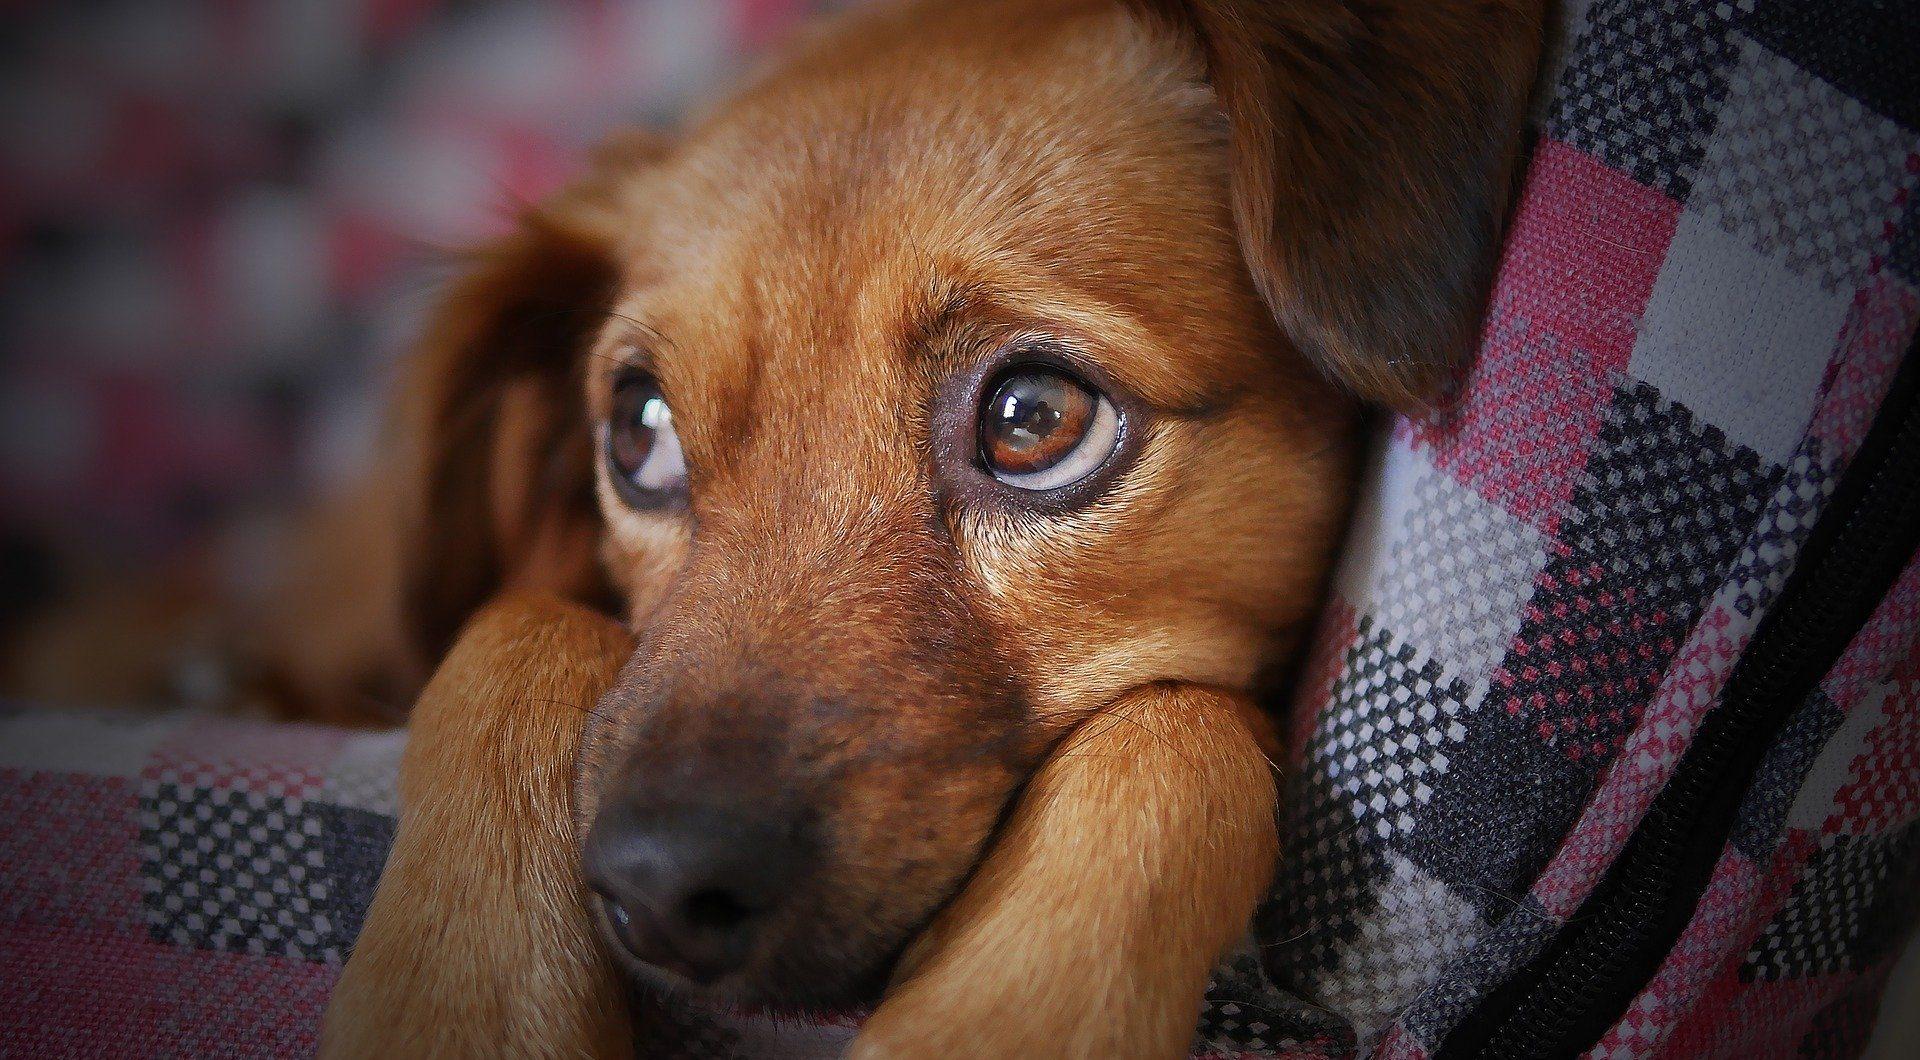 Perros dejarán de considerarse ganado (y comida) en China